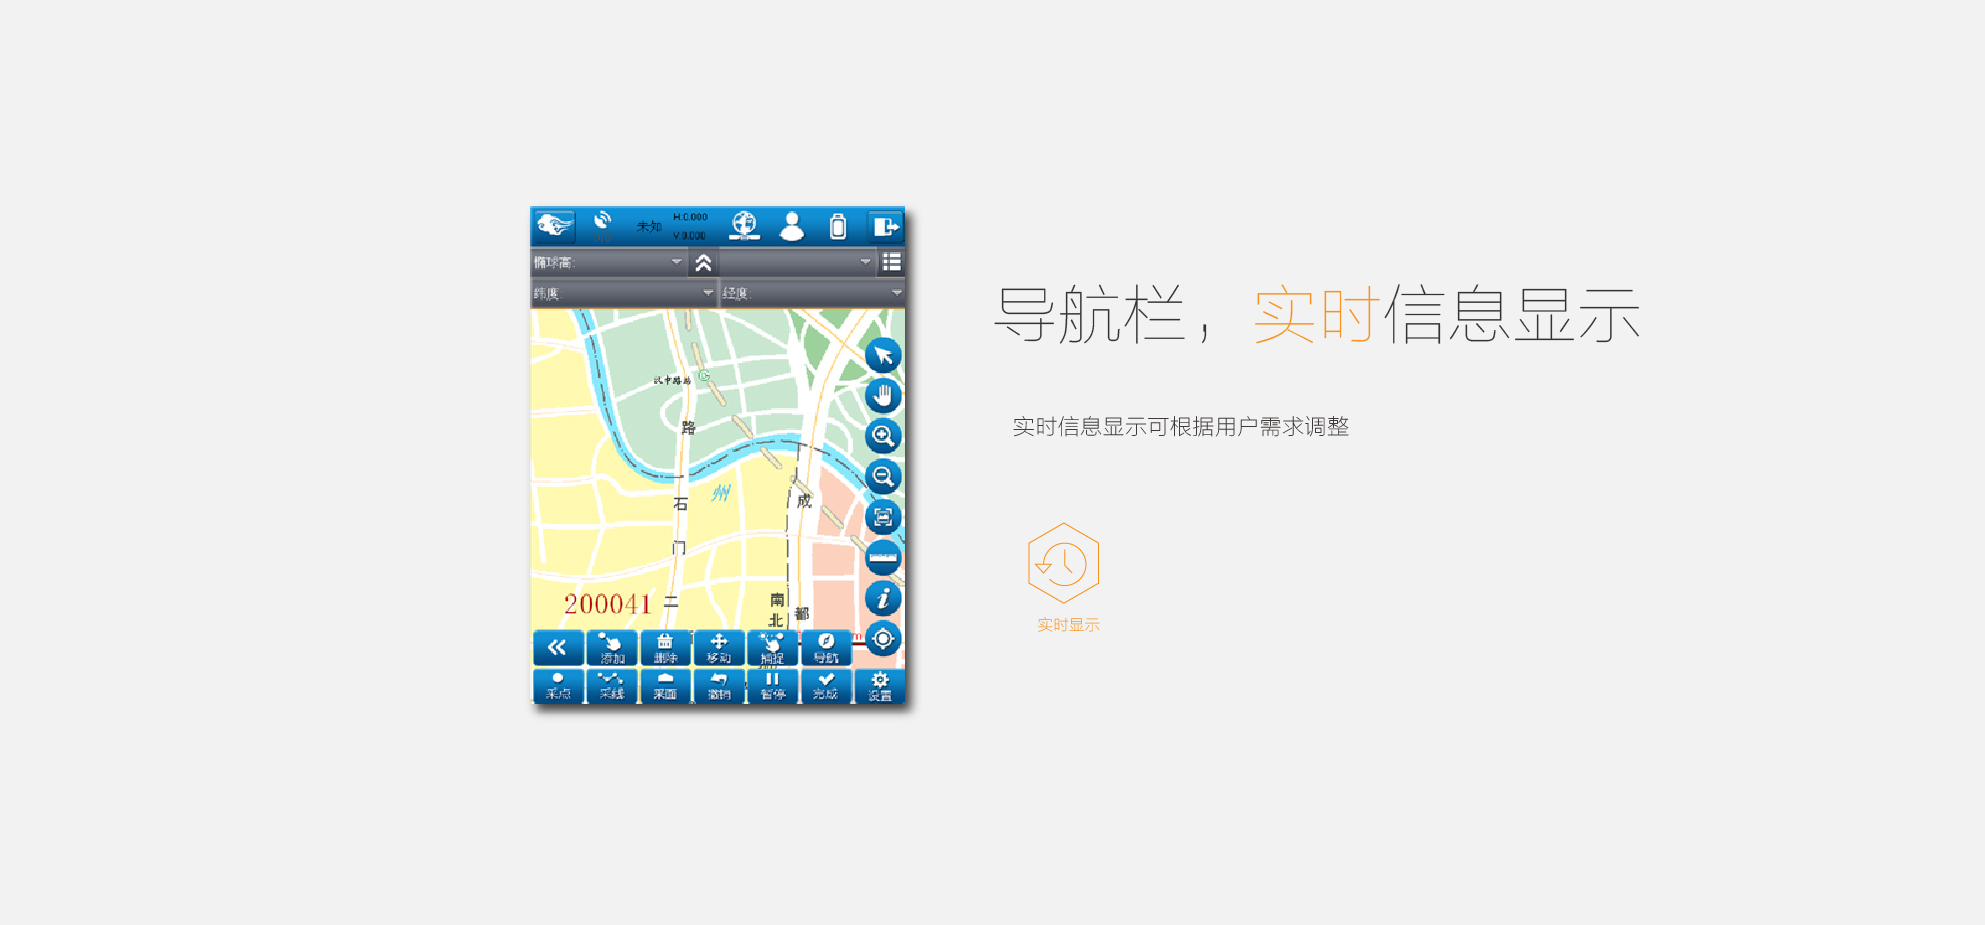 華測導航,GIS系統,Mobile雲圖2.0 GIS數據采集系統,GIS 解決方案軟件,信息實時顯示